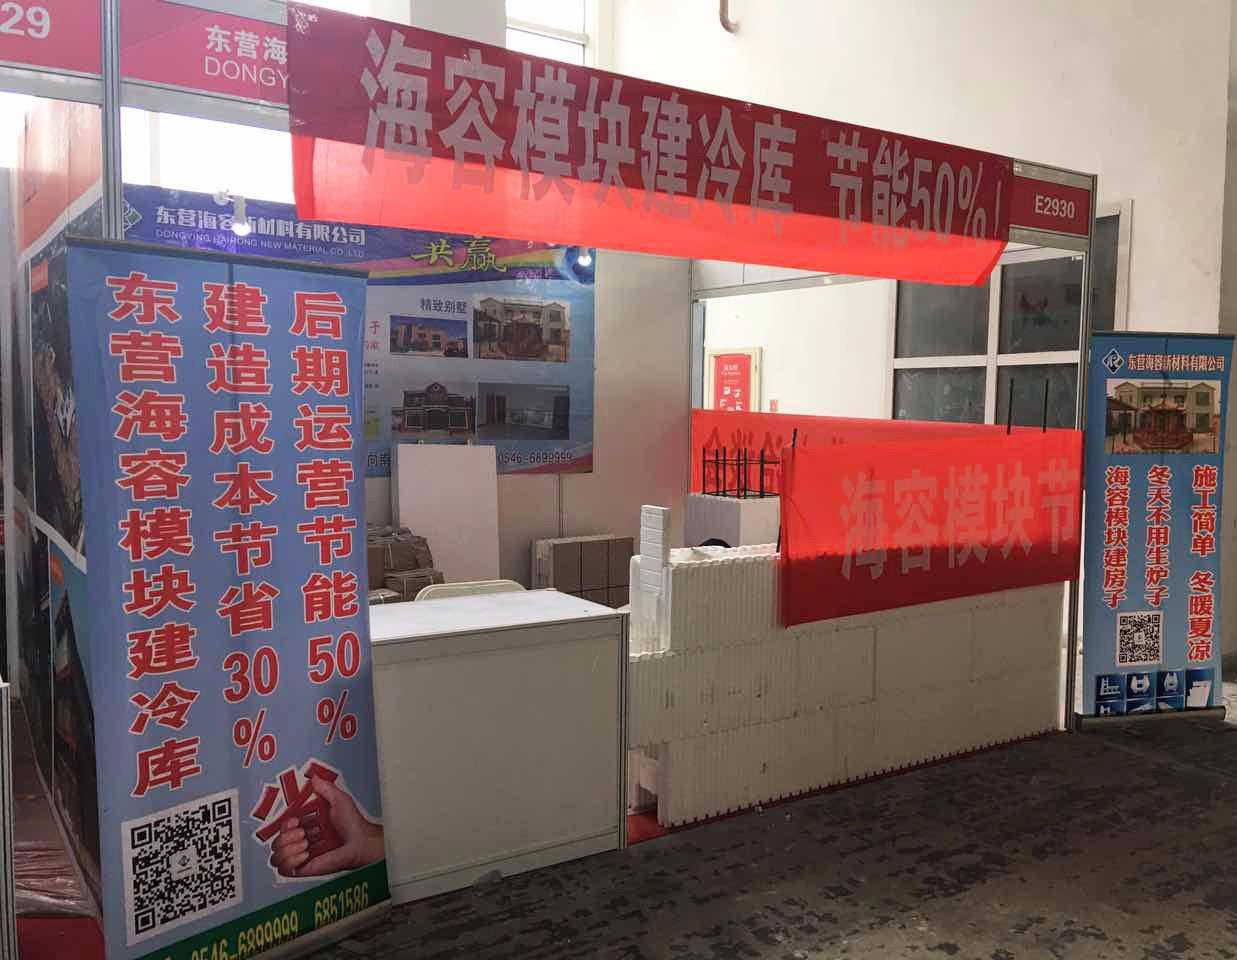 海容公司邀您參加2017北京第十六屆中國住博會|企業新聞-東營海容新材料有限公司